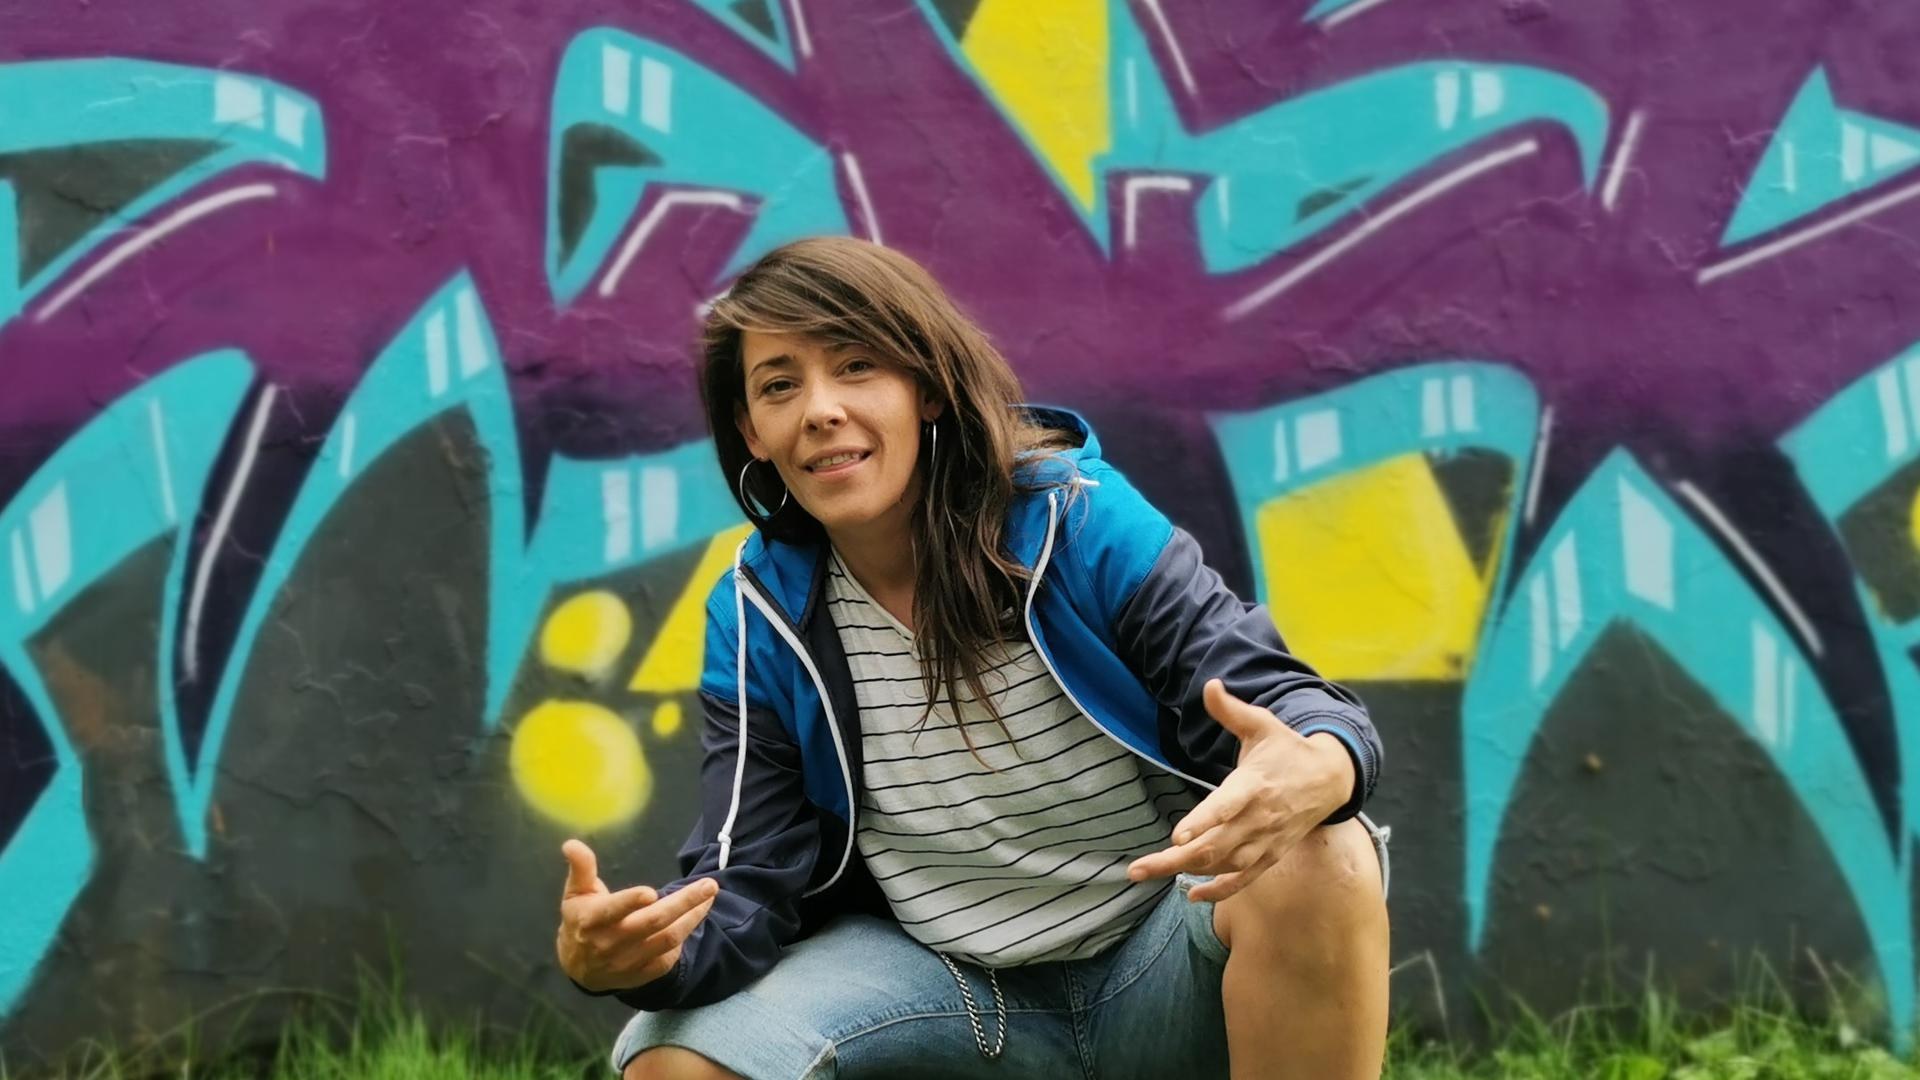 Frau sitzt in der Hocke vor einer Graffiti Wand.